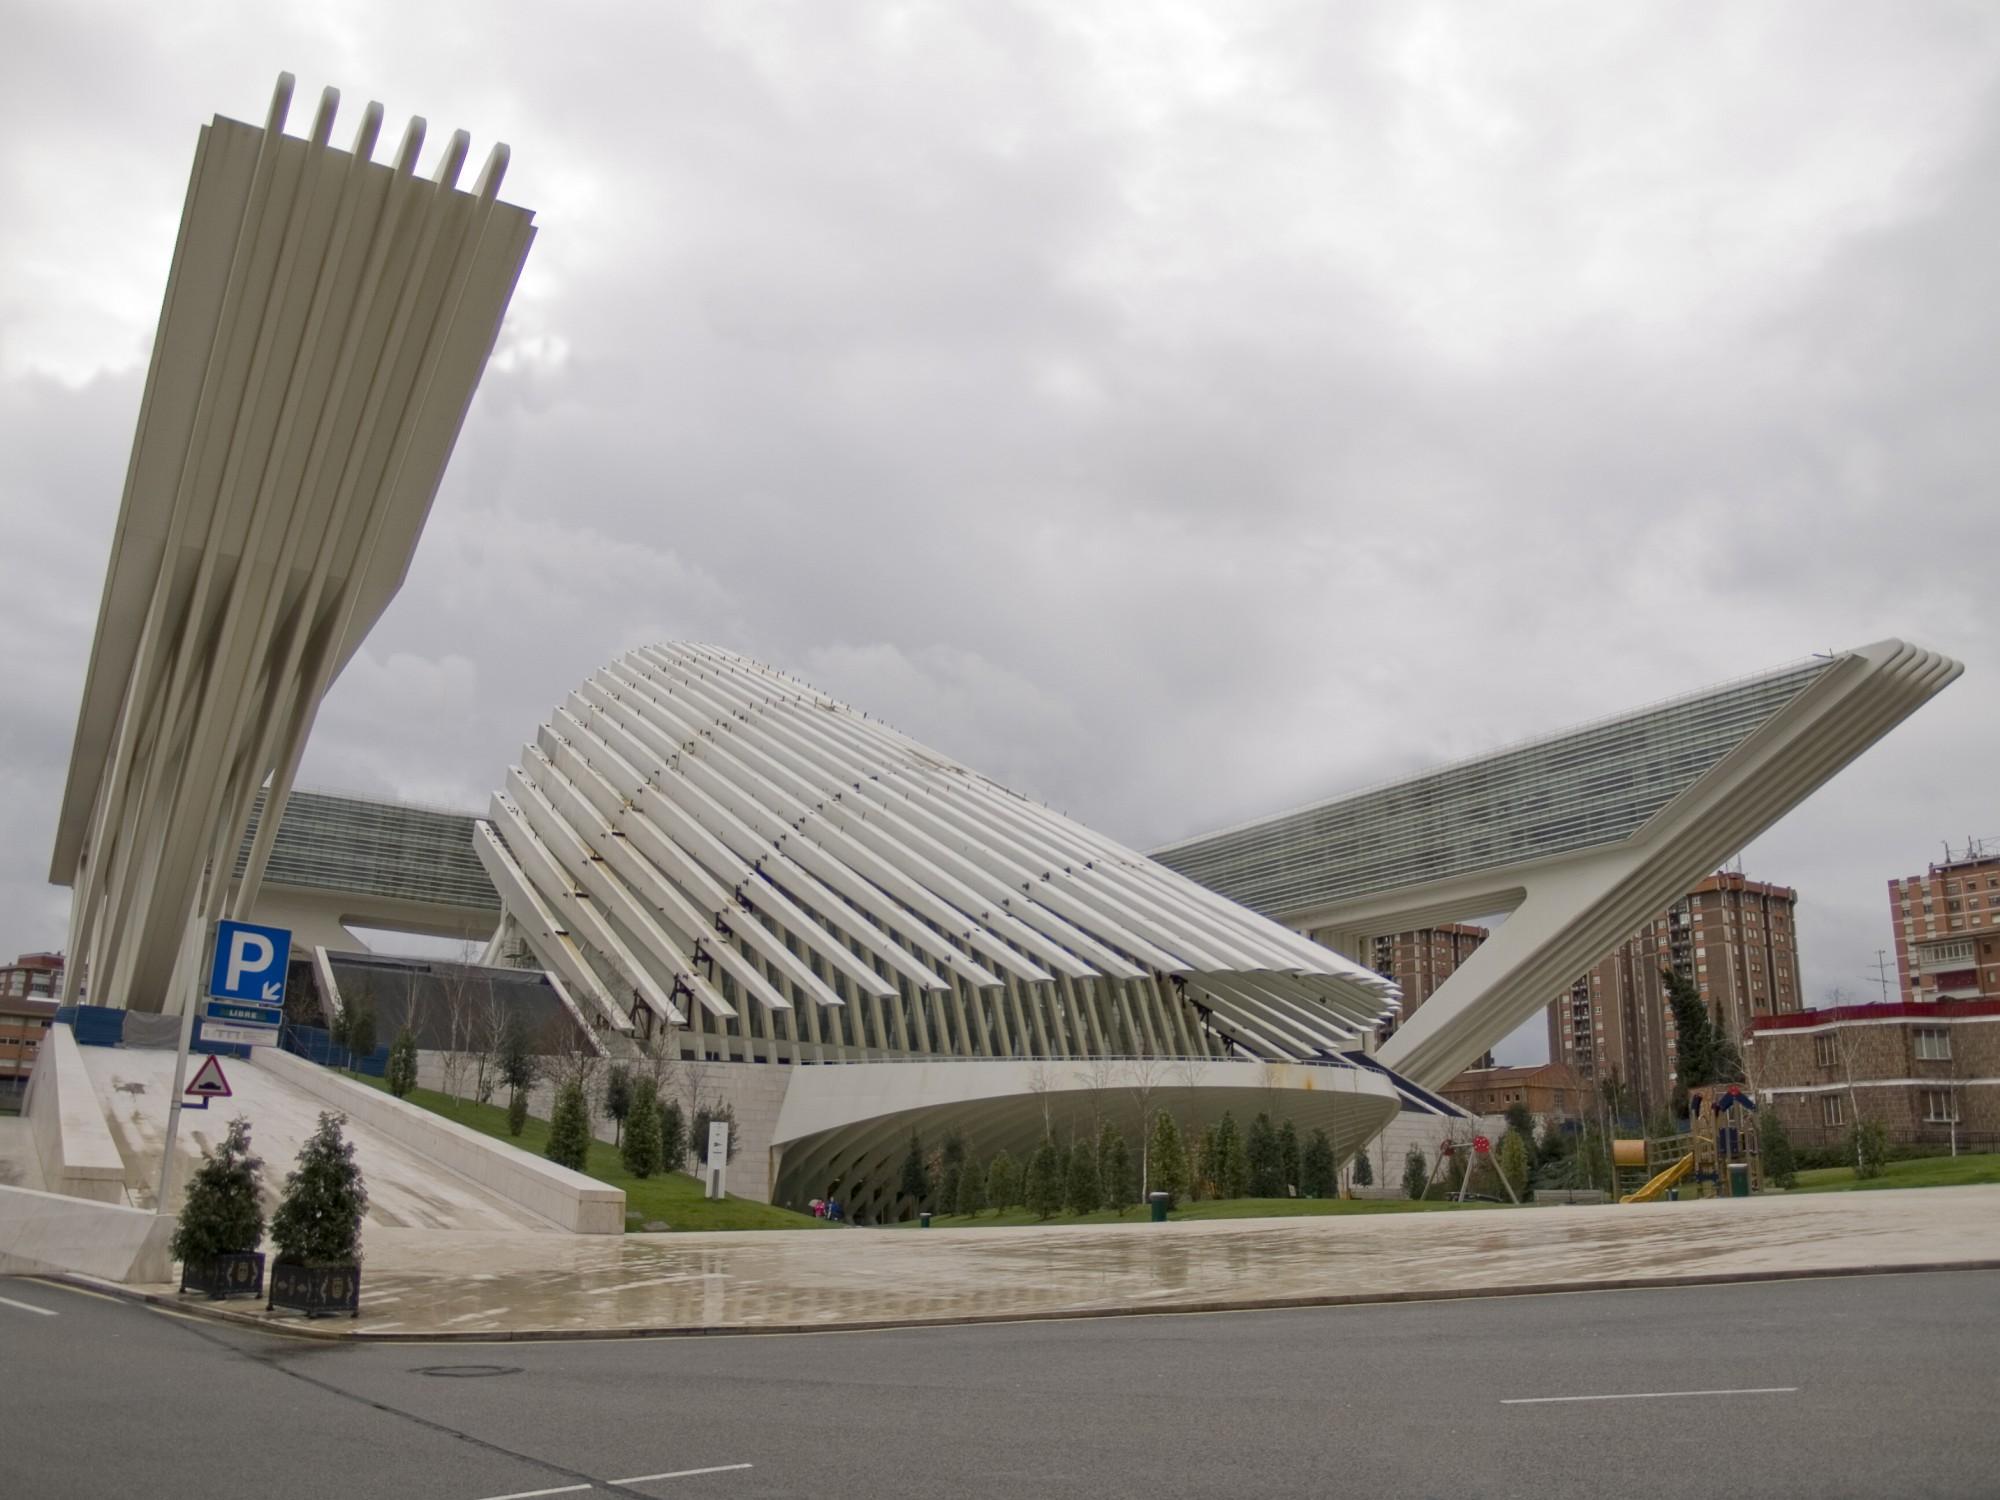 Em causa estão falhas na construção do Palácio de Congressos de Oviedo, nas Astúrias.